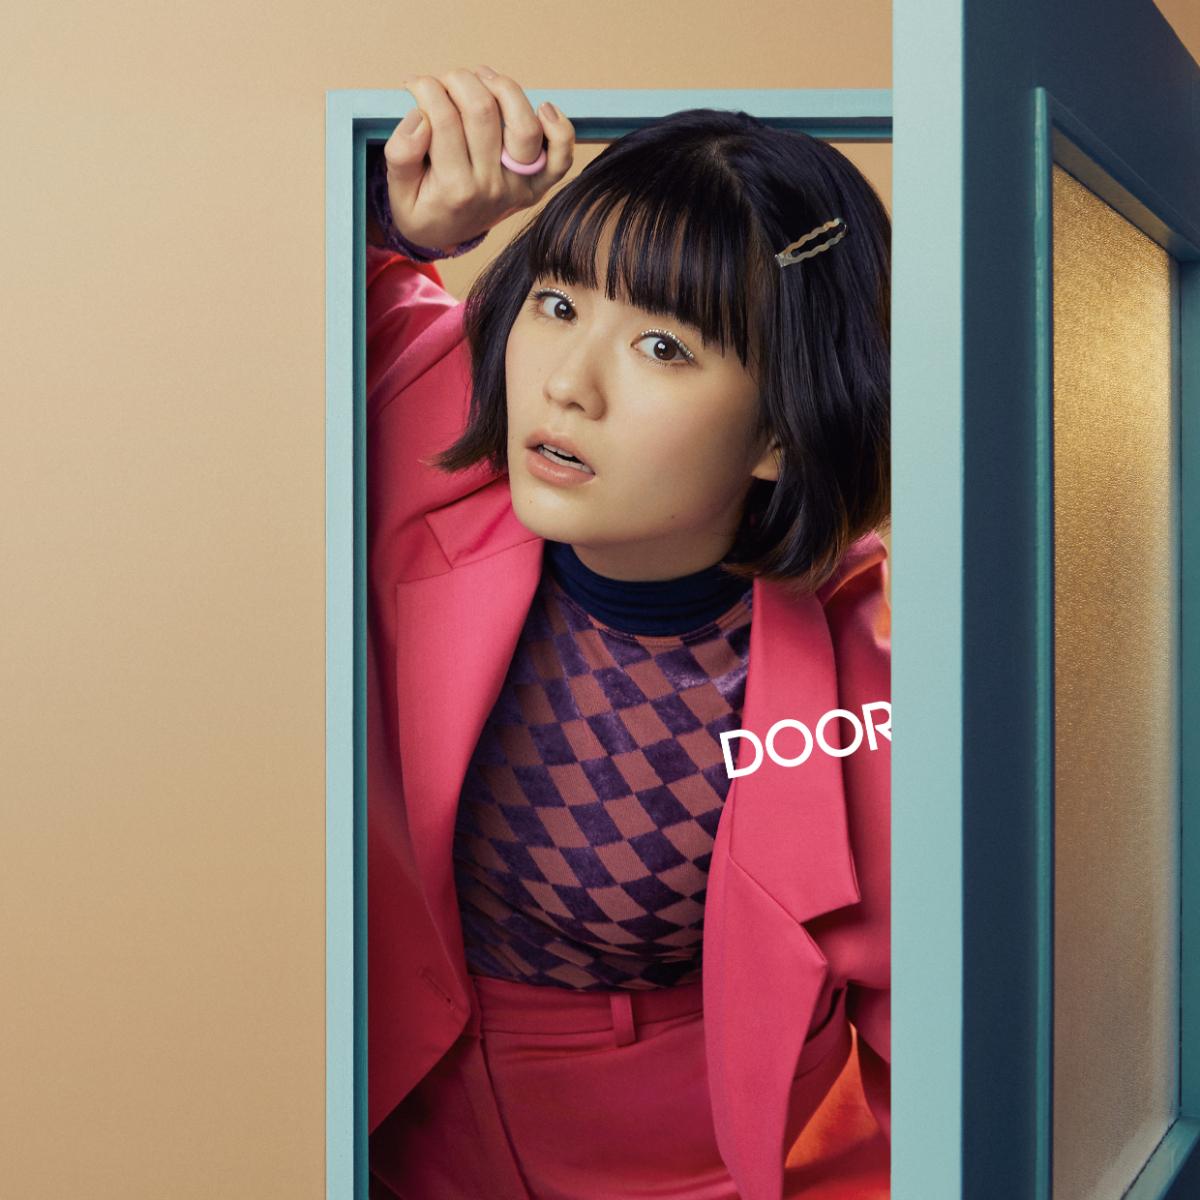 『DOOR』ジャケット